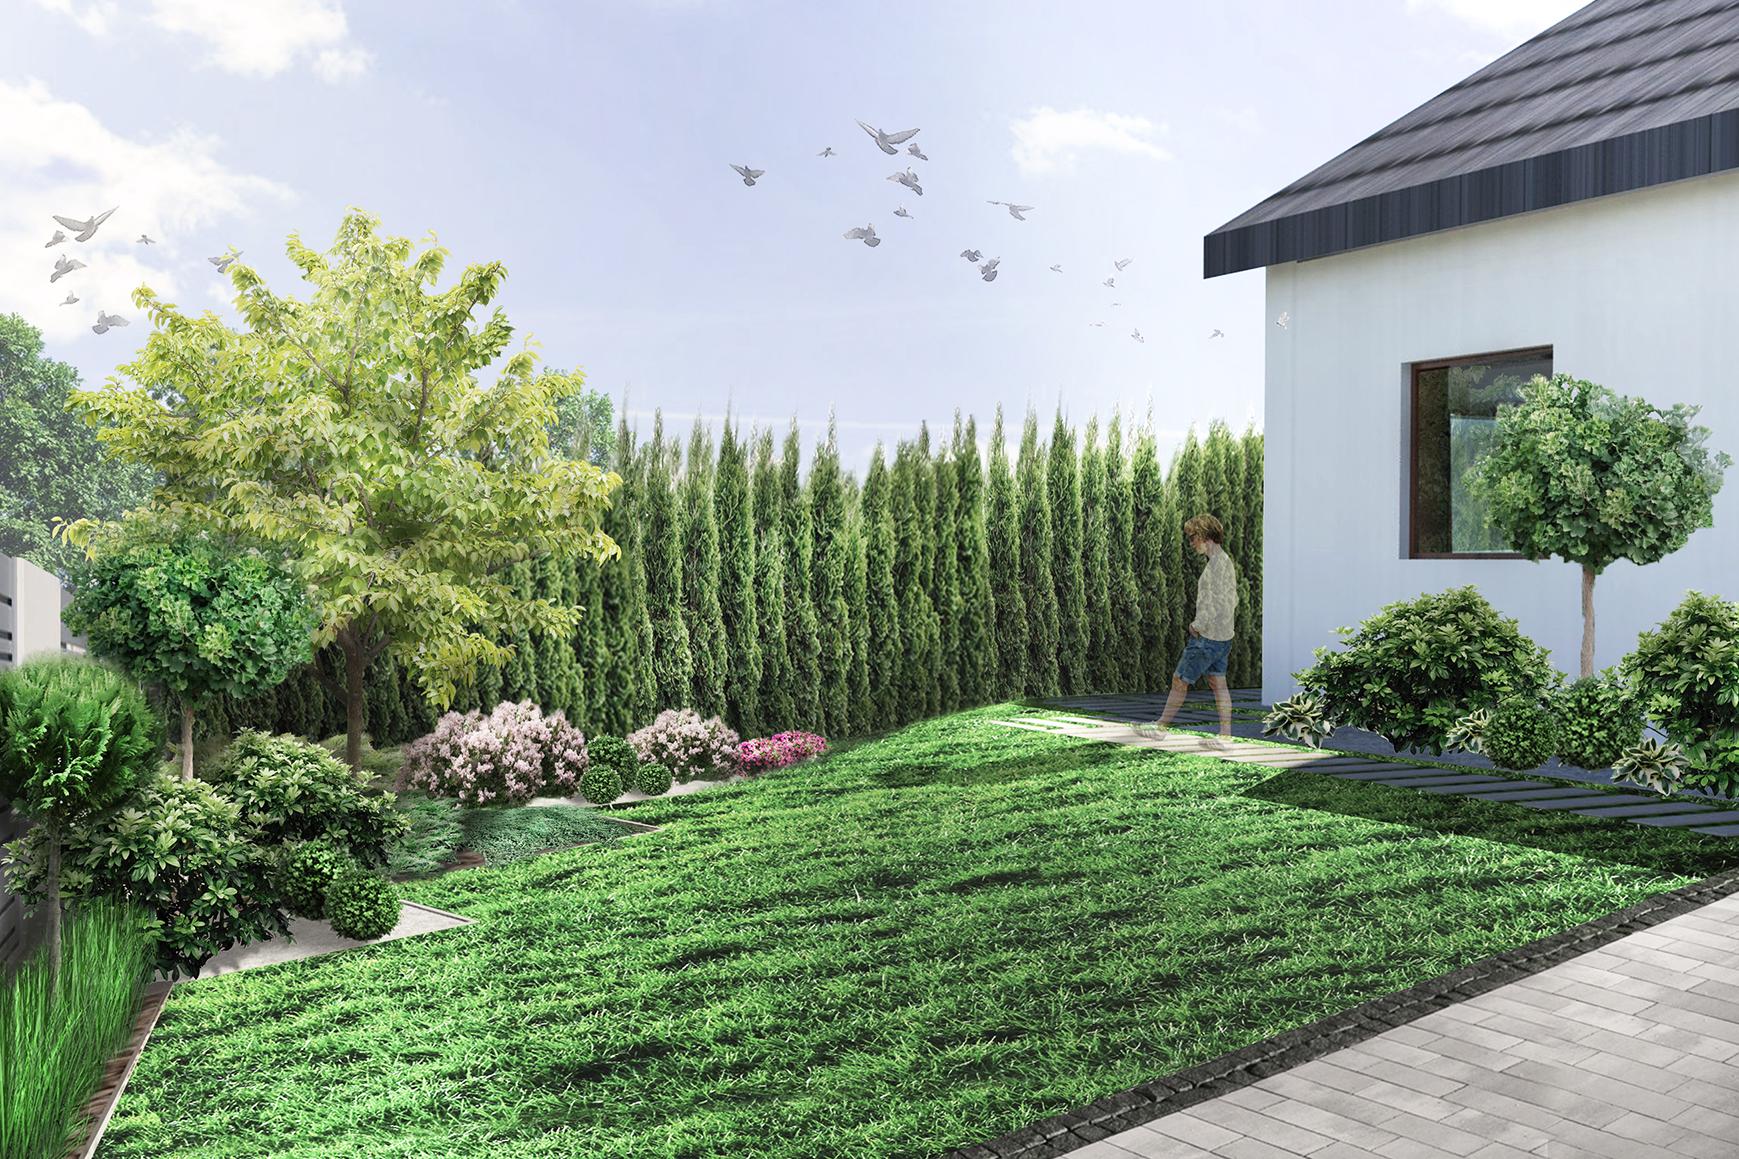 ogród geometryczny - wizualizacja ogrodu frontowego